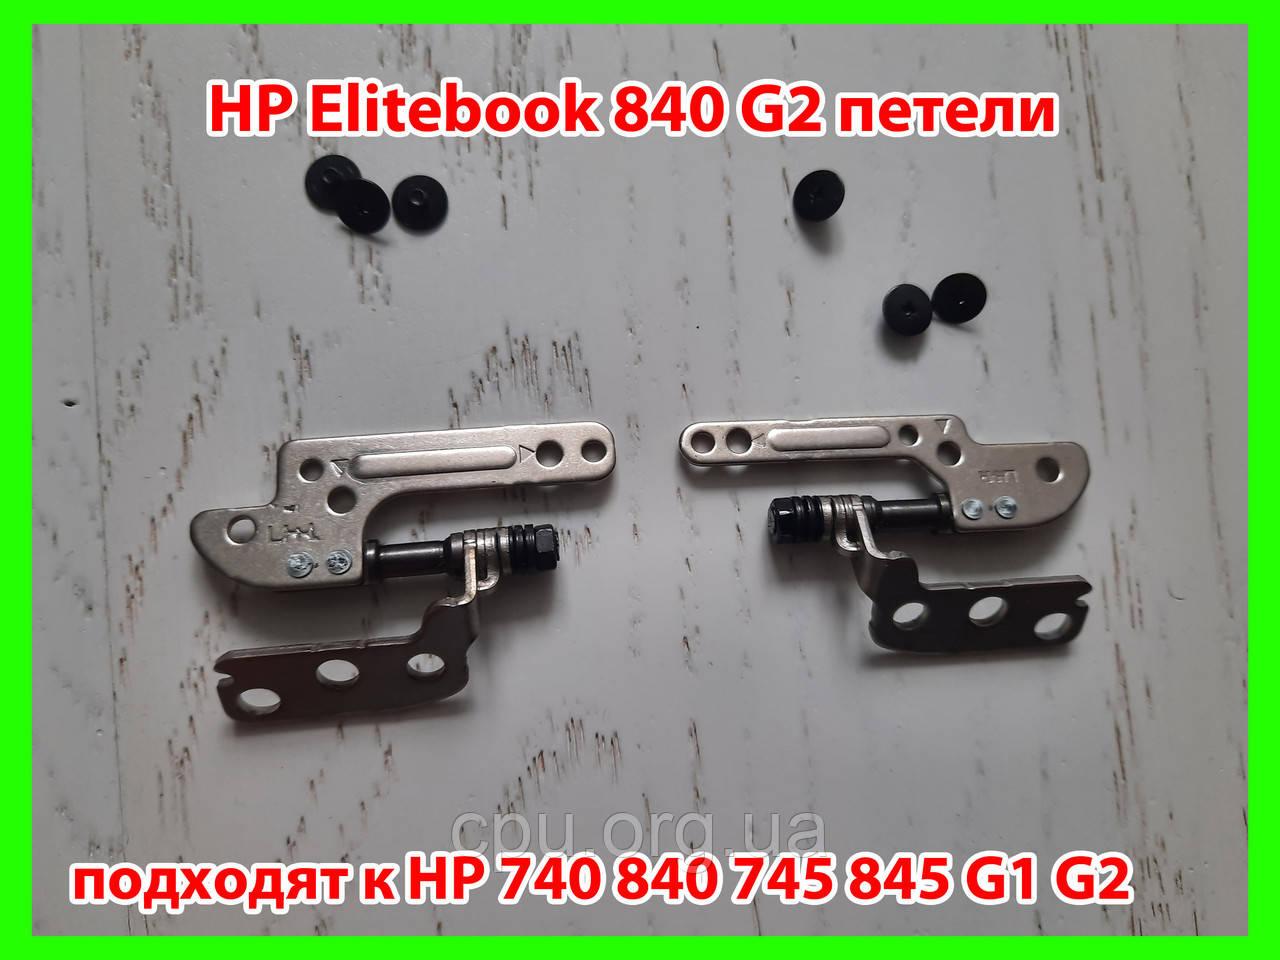 Петлі для ноутбука HP Elitebook 840 G2 730957-001